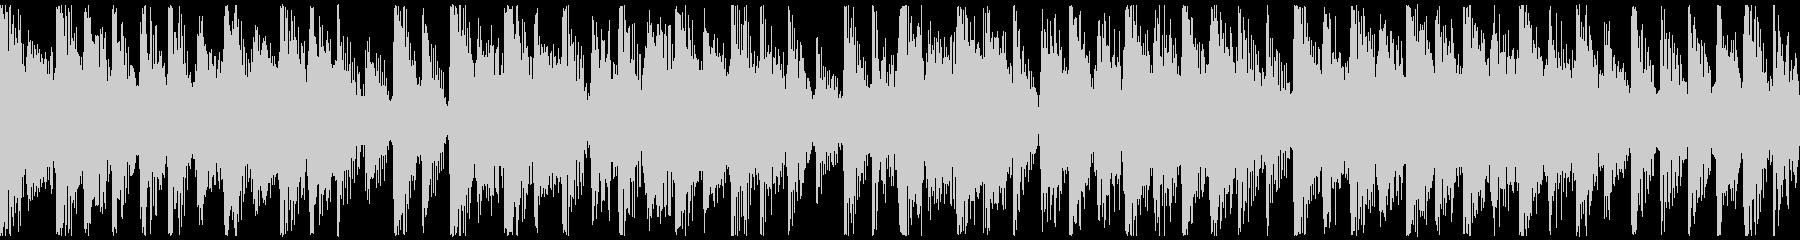 Chorus & band heartwarming short loop's unreproduced waveform